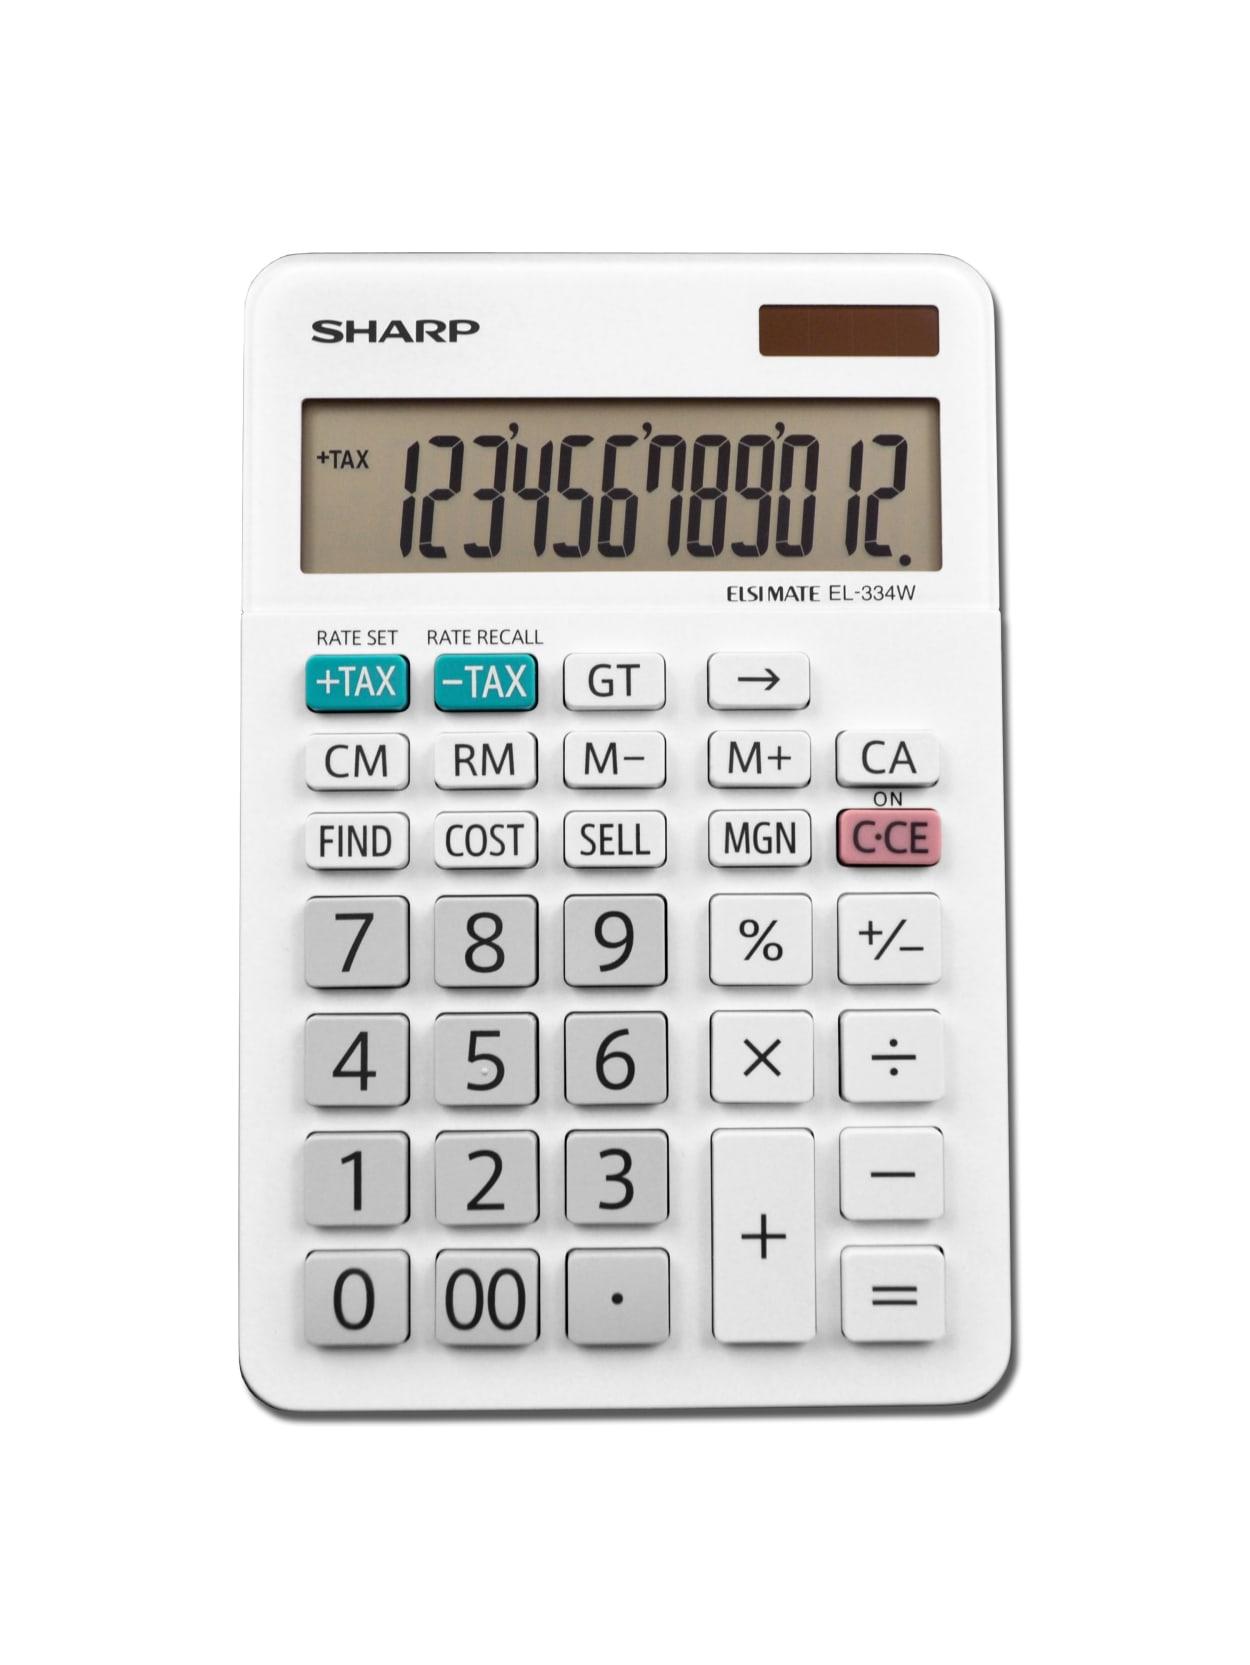 Gatos investment calculator gerd brandecker aviation investment banking